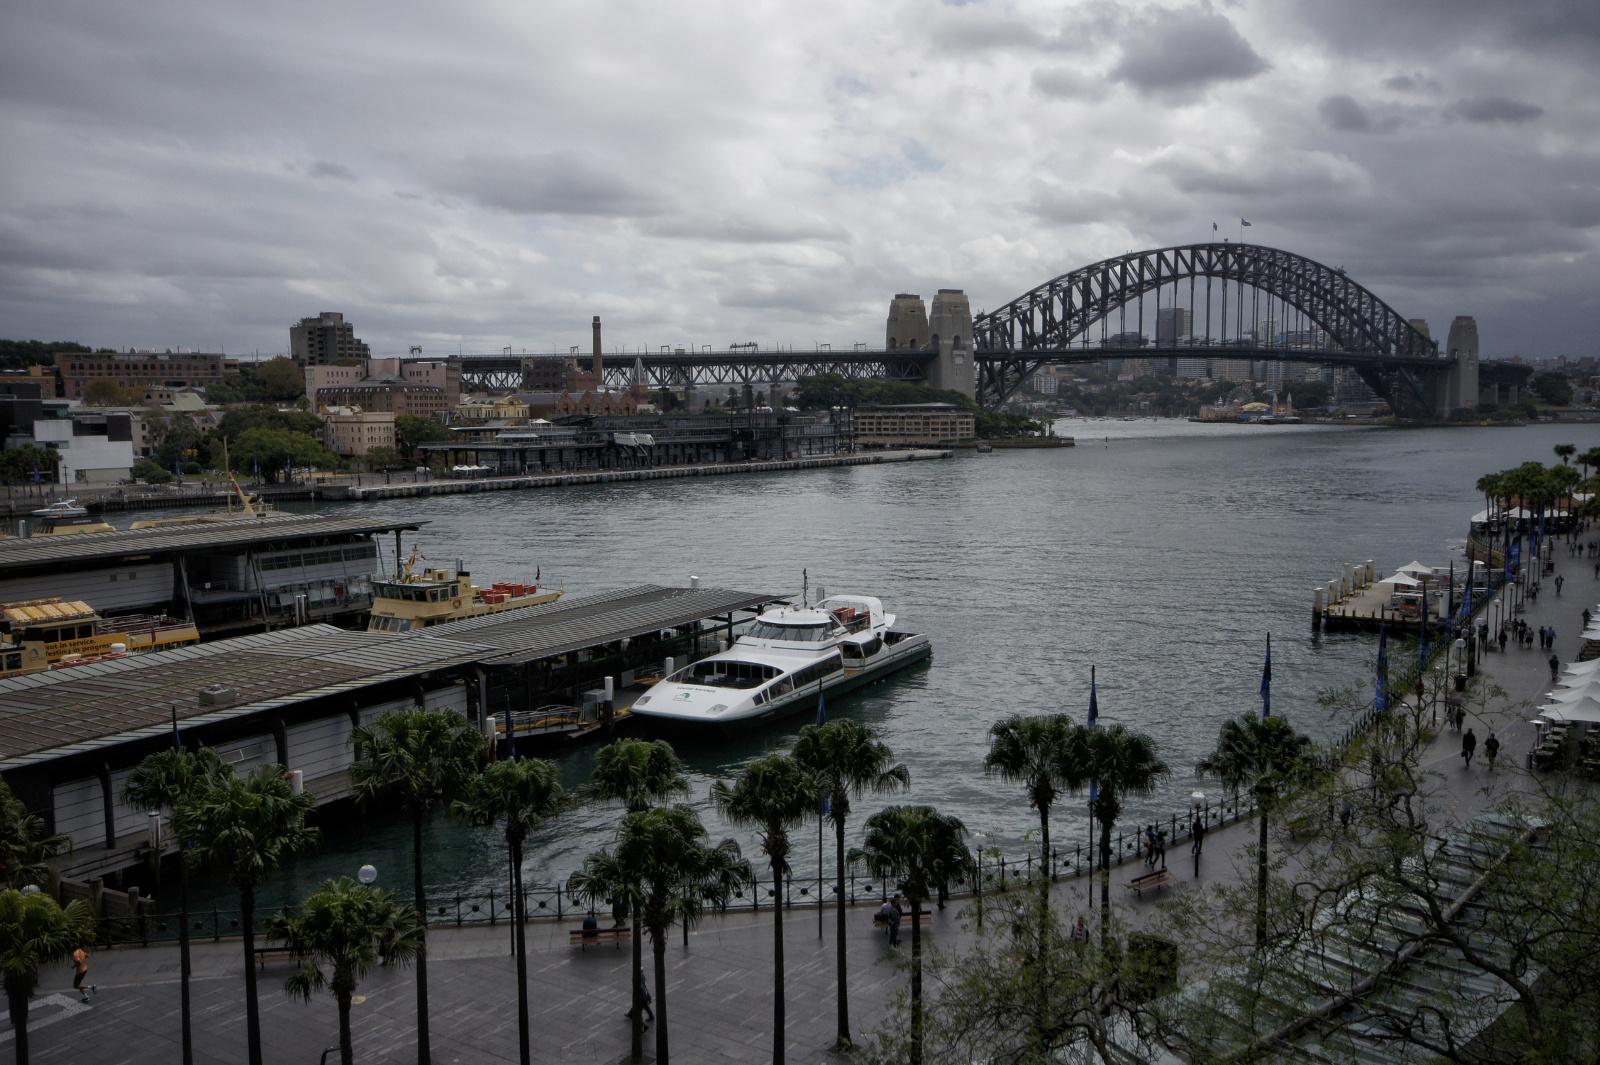 Kieran Rae Sydney Harbour Bridge Australia